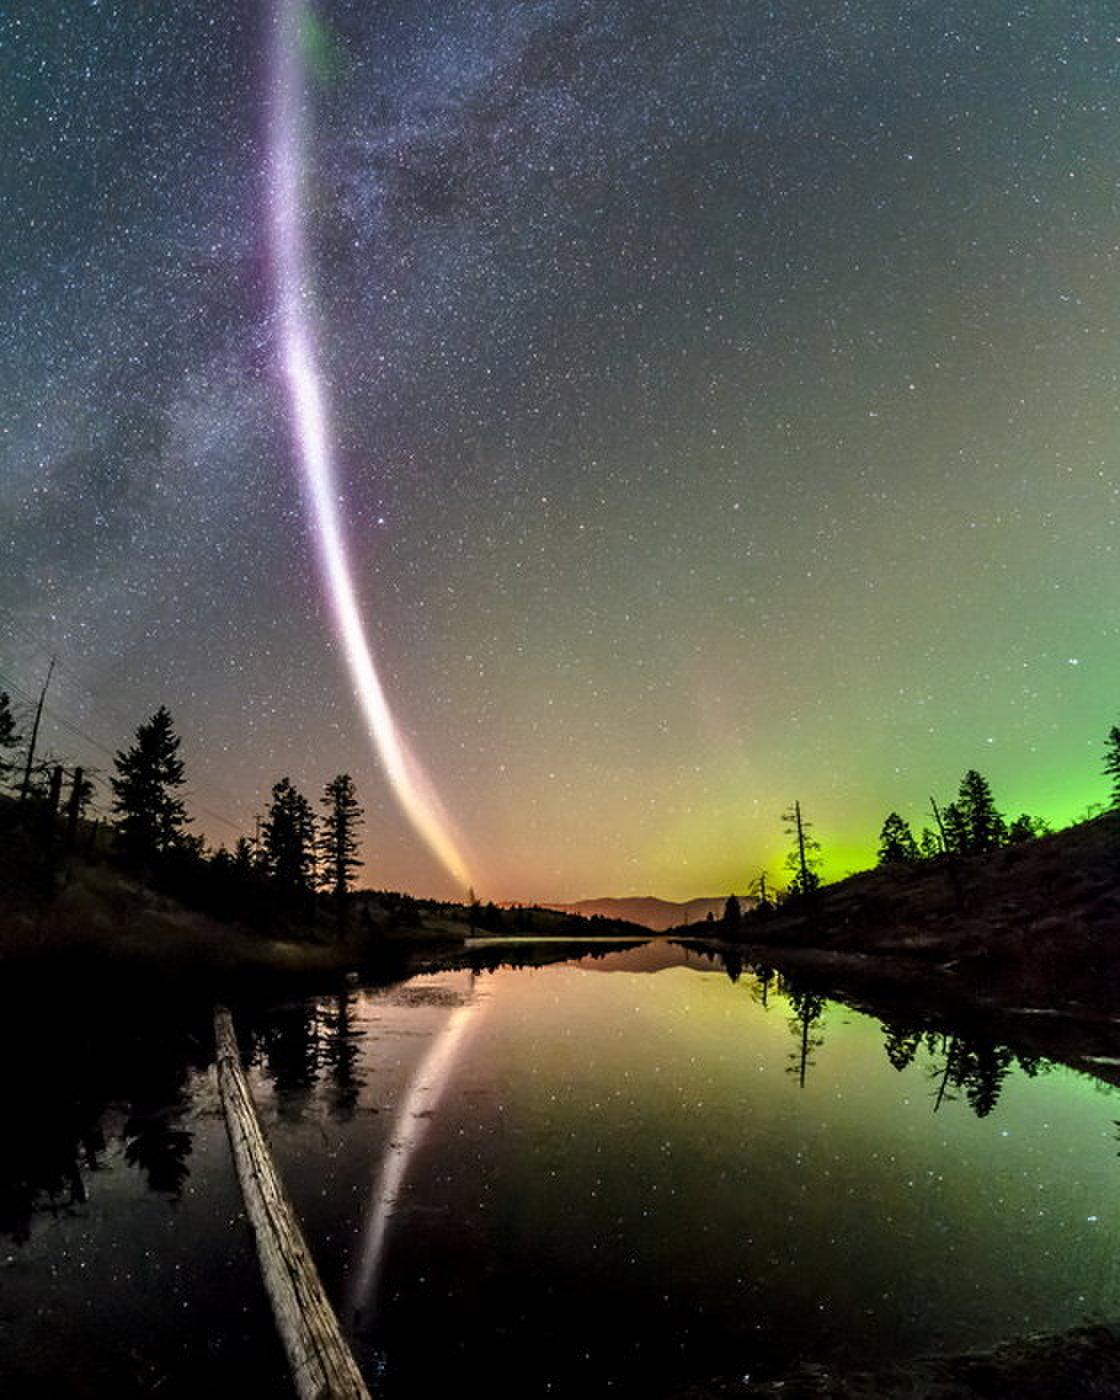 Nhiếp ảnh gia Dave Markel chụp được một Steve nằm dọc trên bầu trời bắc Canada, ở phía chân trời với màu xanh lục chính là cực quang. Dựa trên dữ liệu của vệ tinh Swarm của Cơ quan Hàng không Âu Châu (ESA), dải sáng Steve kia kéo dài 25 km trong vùng khí nóng có nhiệt độ 3.000 độ C – cao hơn nhiều so với xung quanh, luồng khí này di chuyển với tốc độ 6 km/giây trong khi vùng khí xung quanh chỉ có vận tốc là 10 mét/giây. Hình ảnh: Dave Markel Photography.